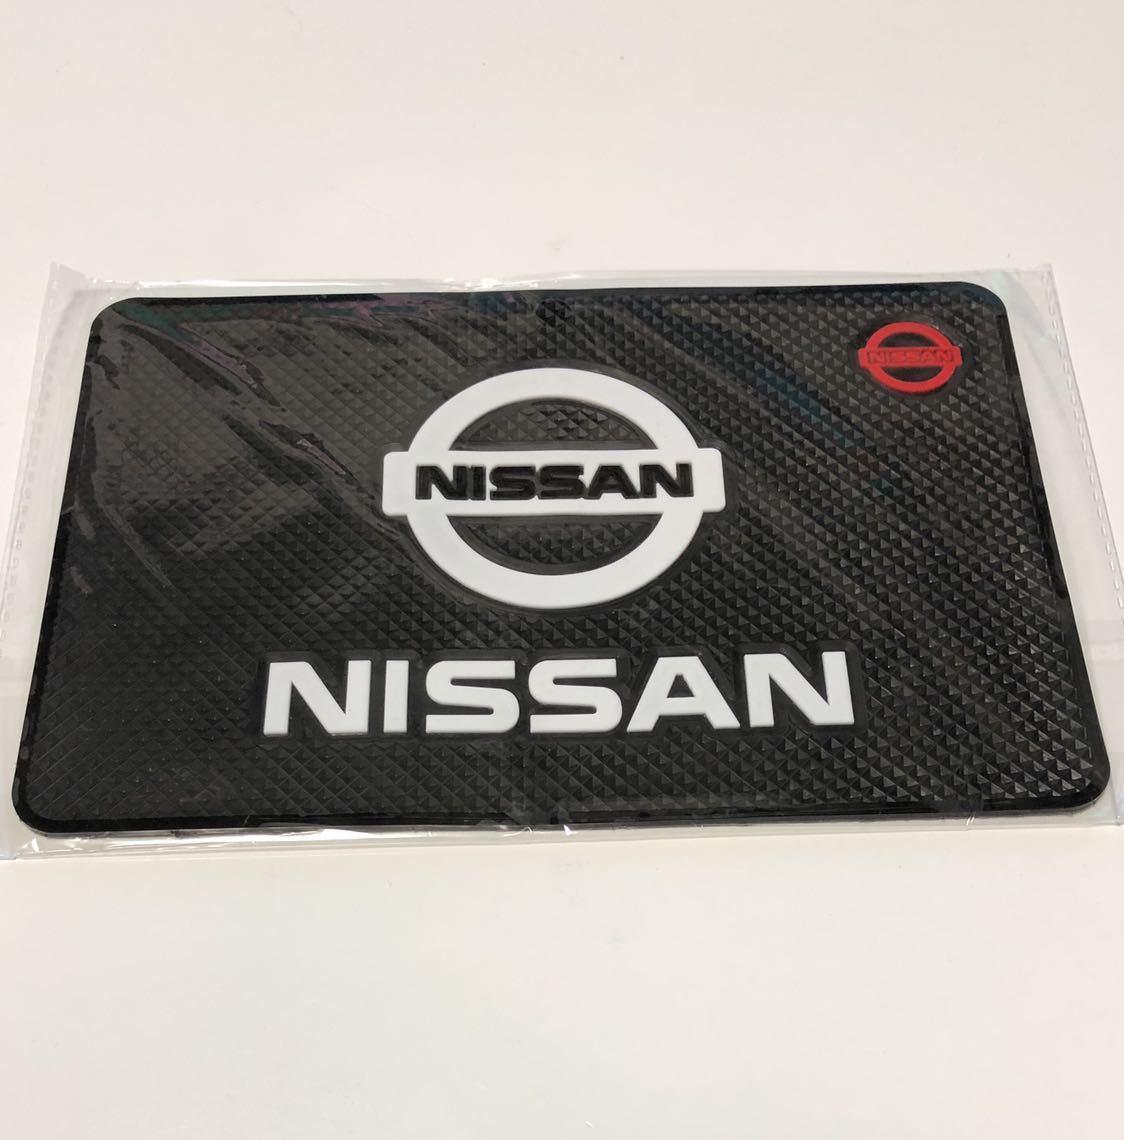 日産 NISSAN 滑り止め ロゴ ダッシュボード 小物 ラバーマット_画像1